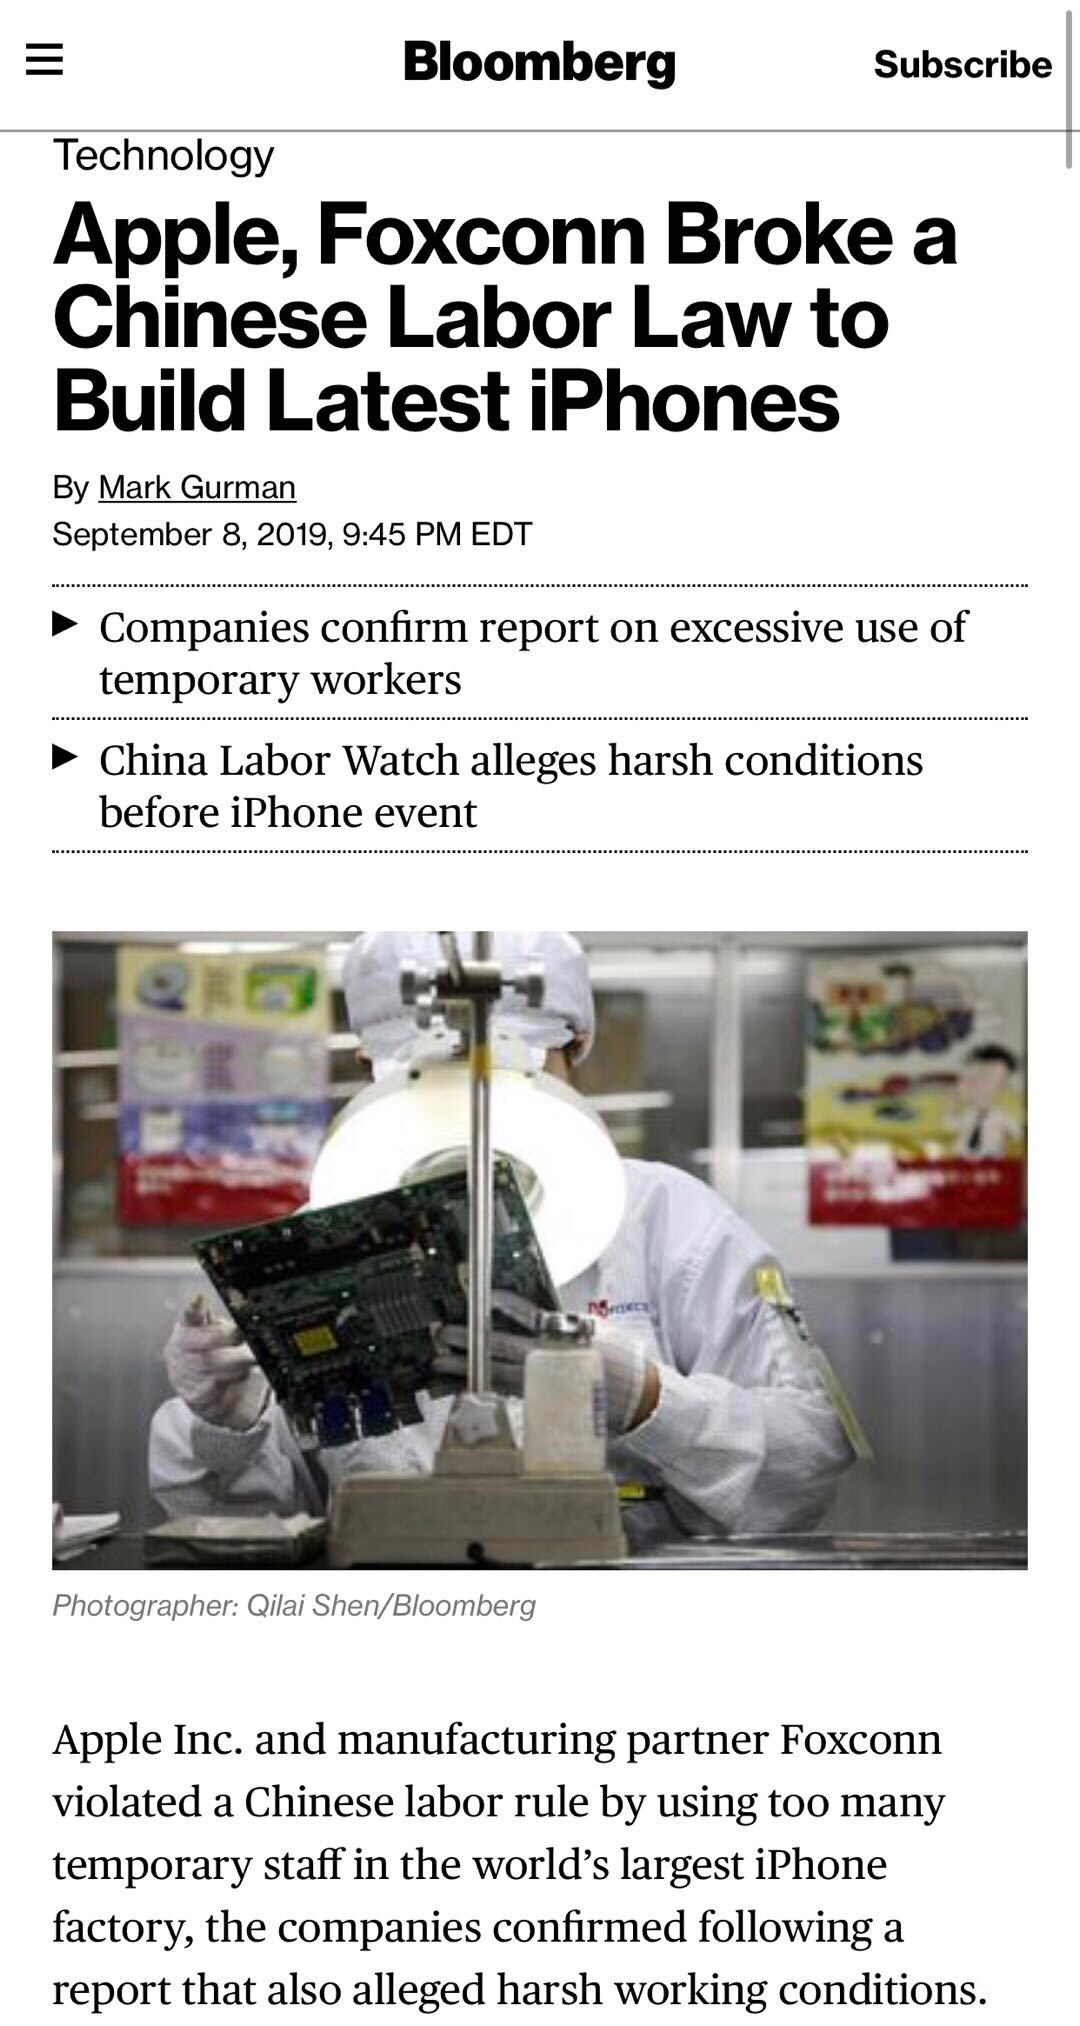 苹果承认违反中国劳动法怎么回事 苹果违反了中国劳动法哪些内容